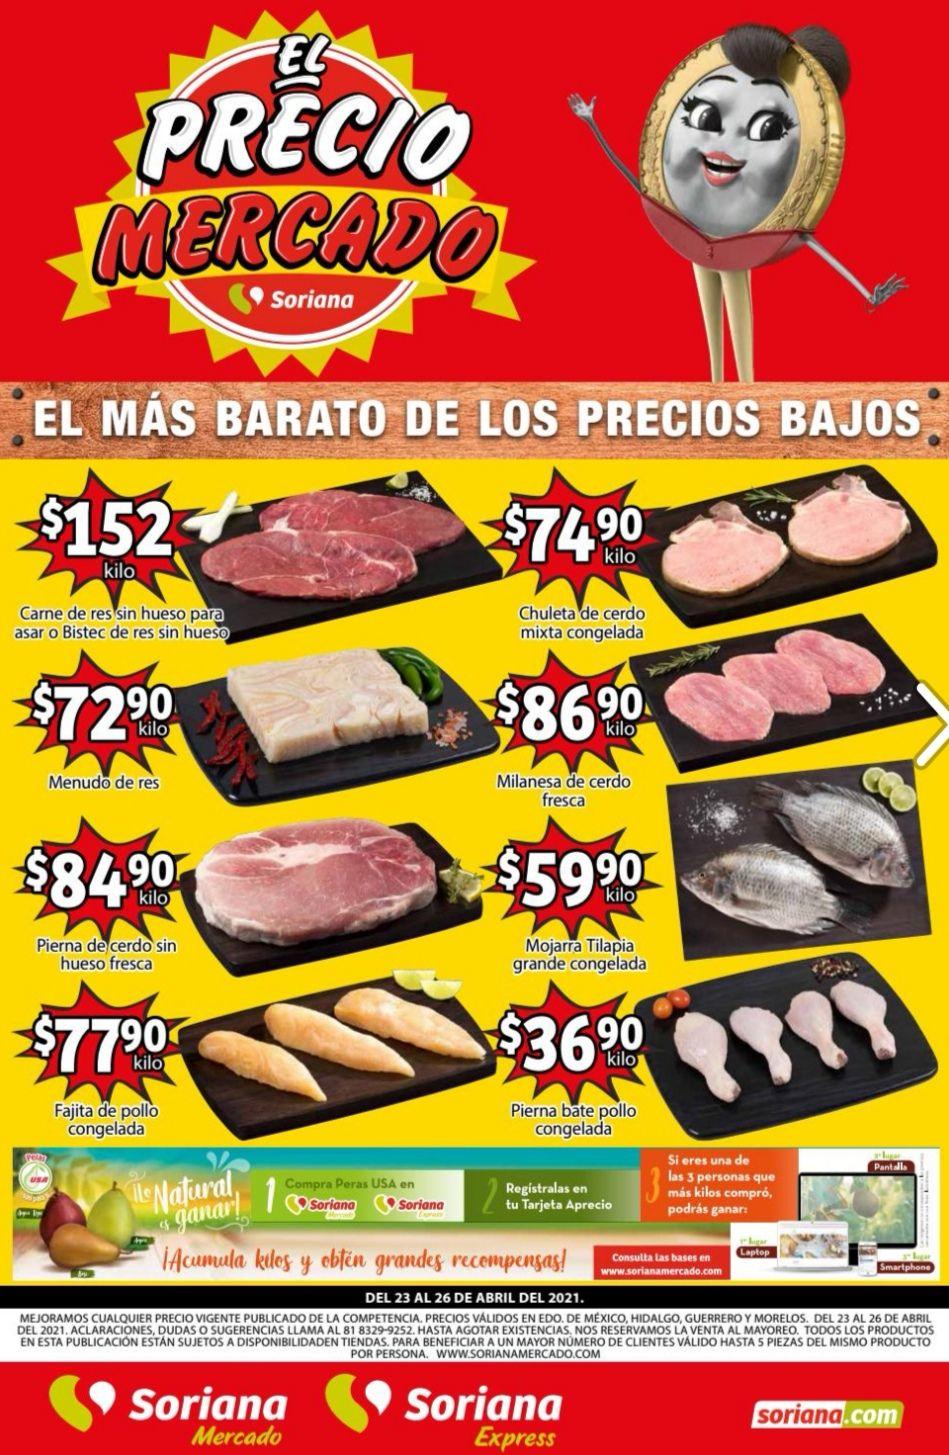 Soriana Mercado y Express: Volante de Ofertas Fin de Semana del Viernes 23 al Lunes 26 de Abril